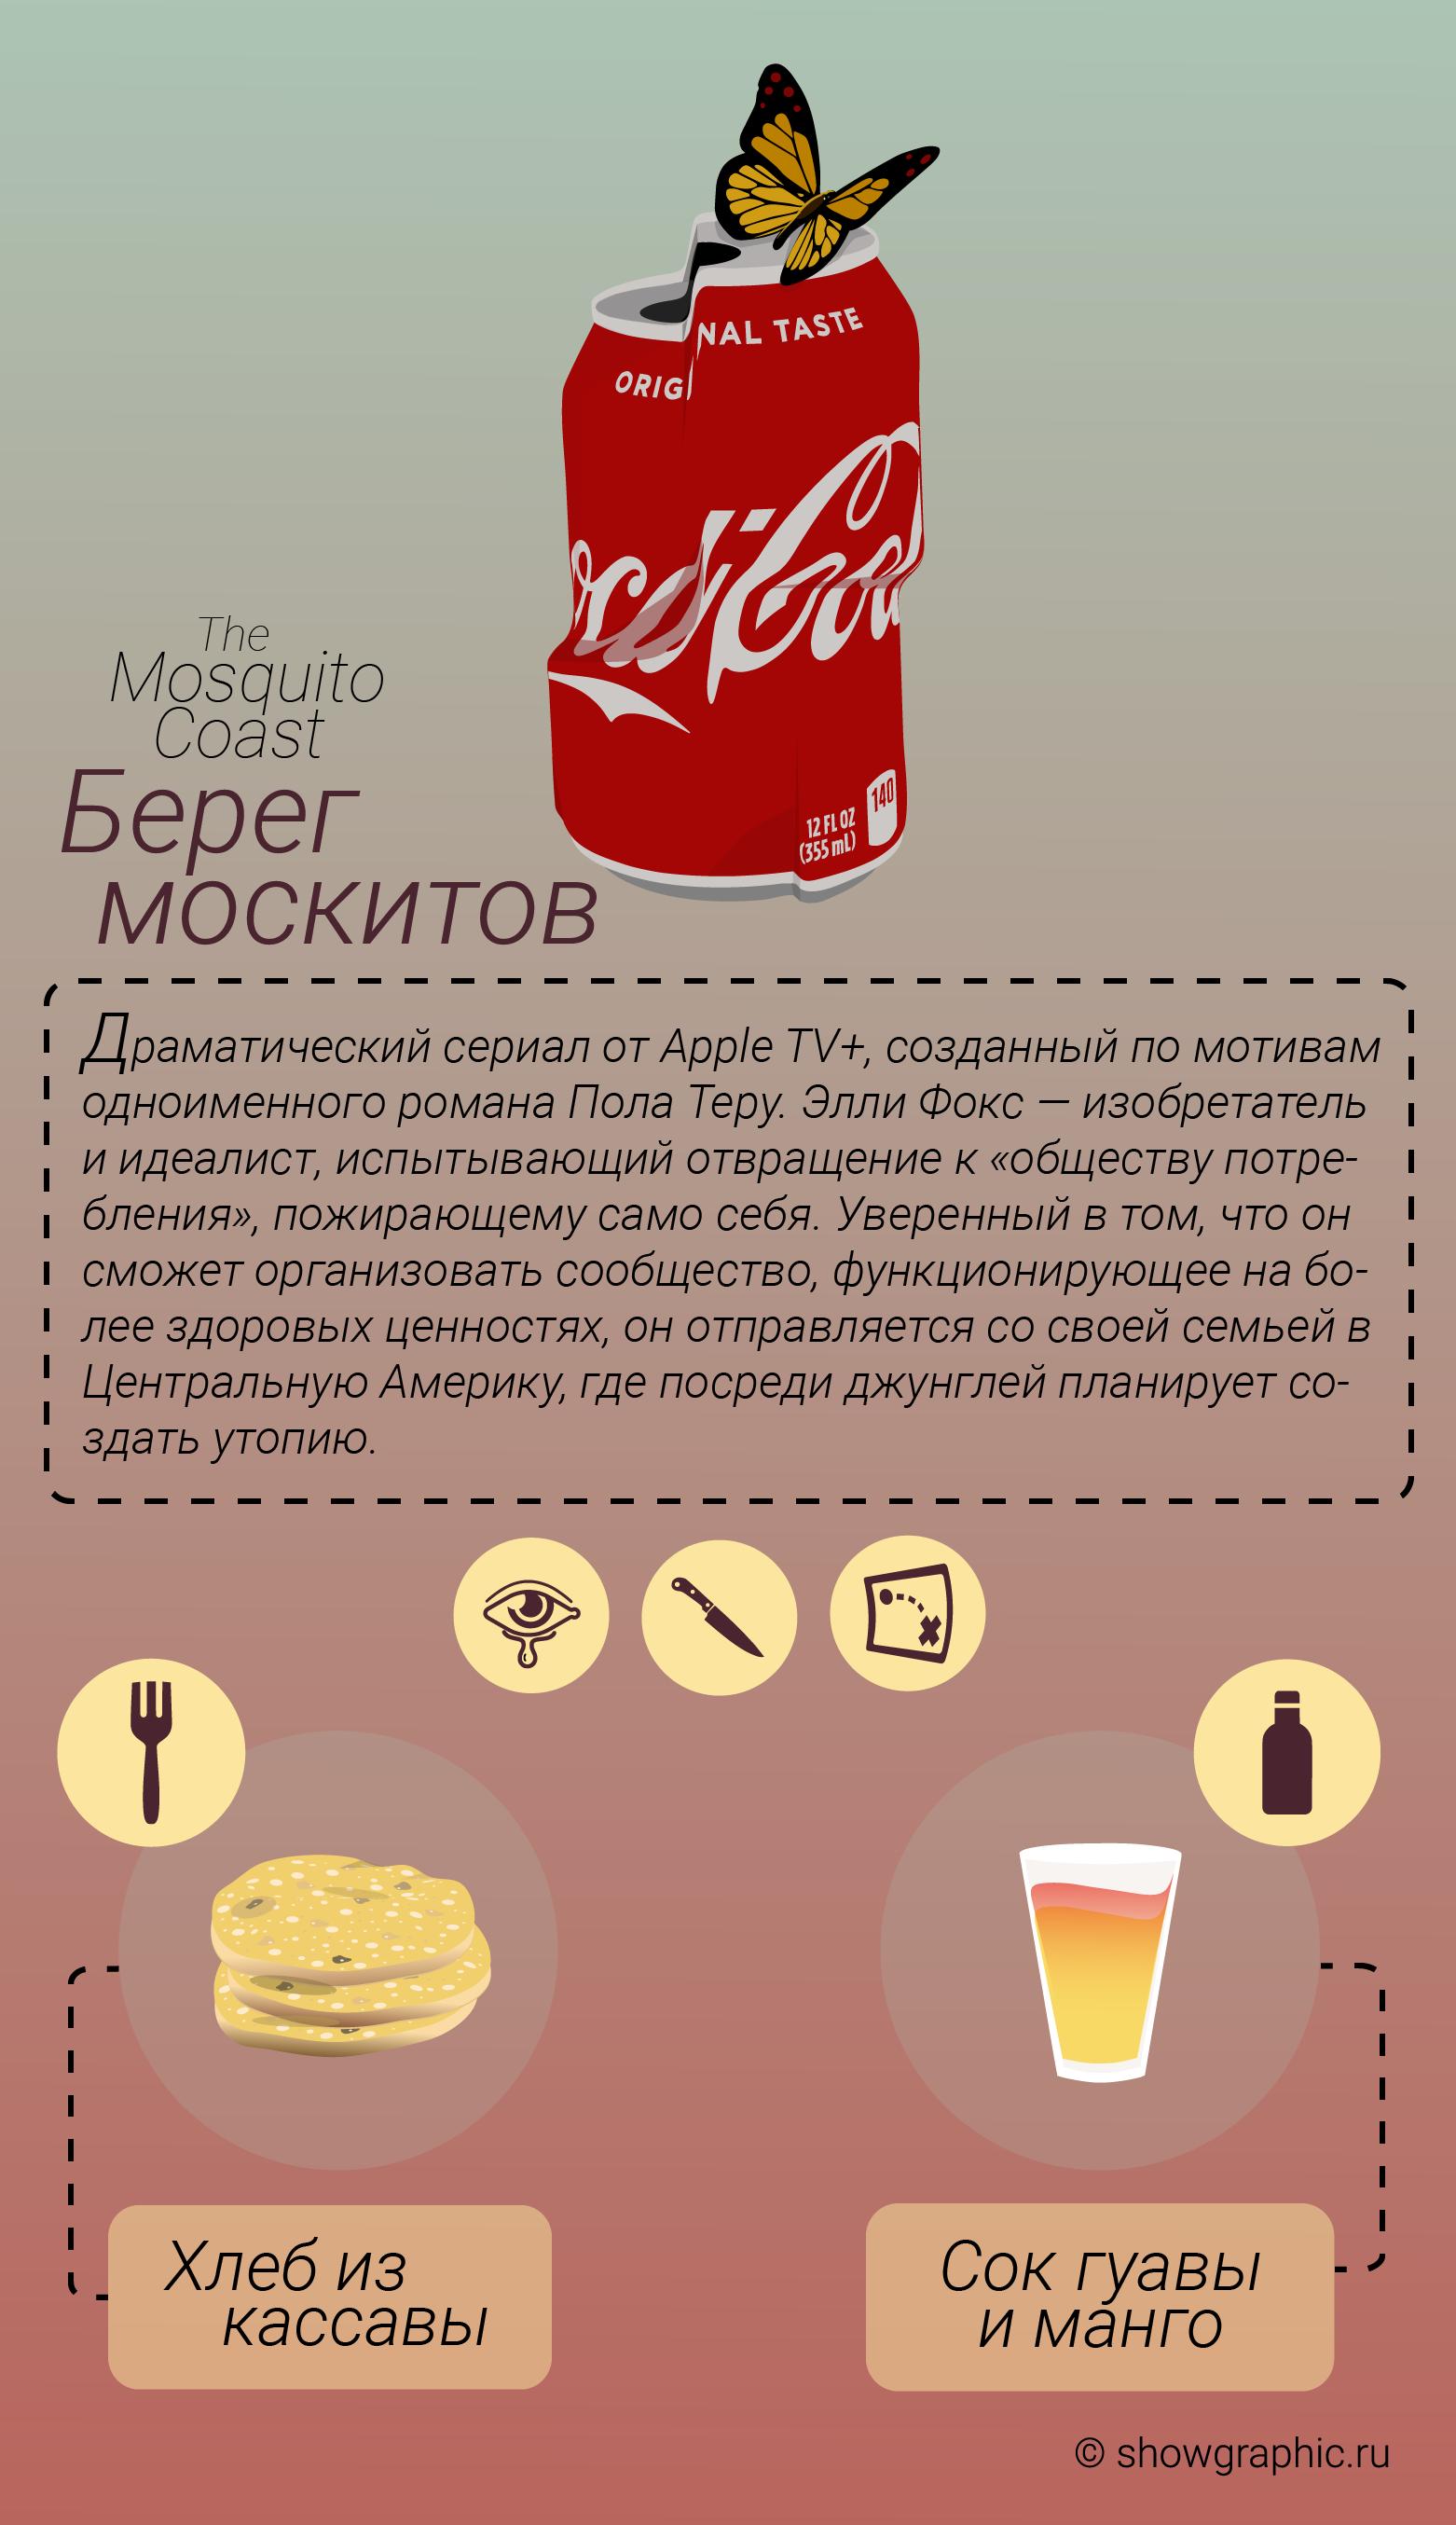 берег москитов инфографика